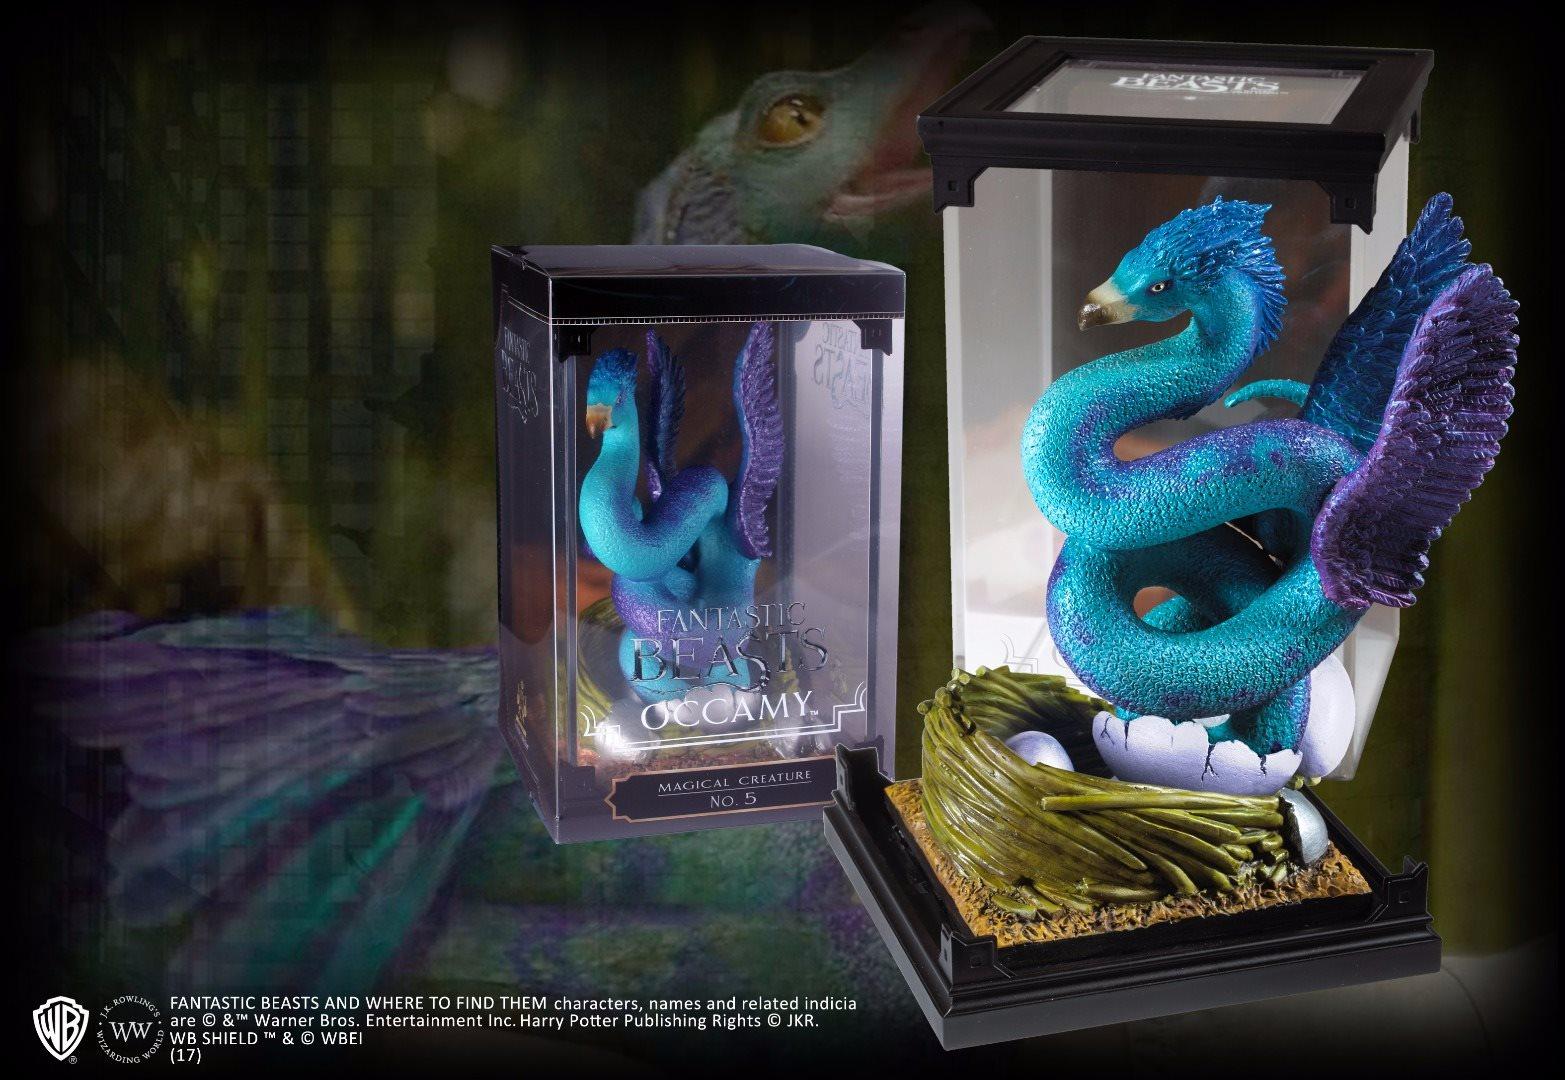 Fantastic Beasts Magical Creatures: No.5 Occamy